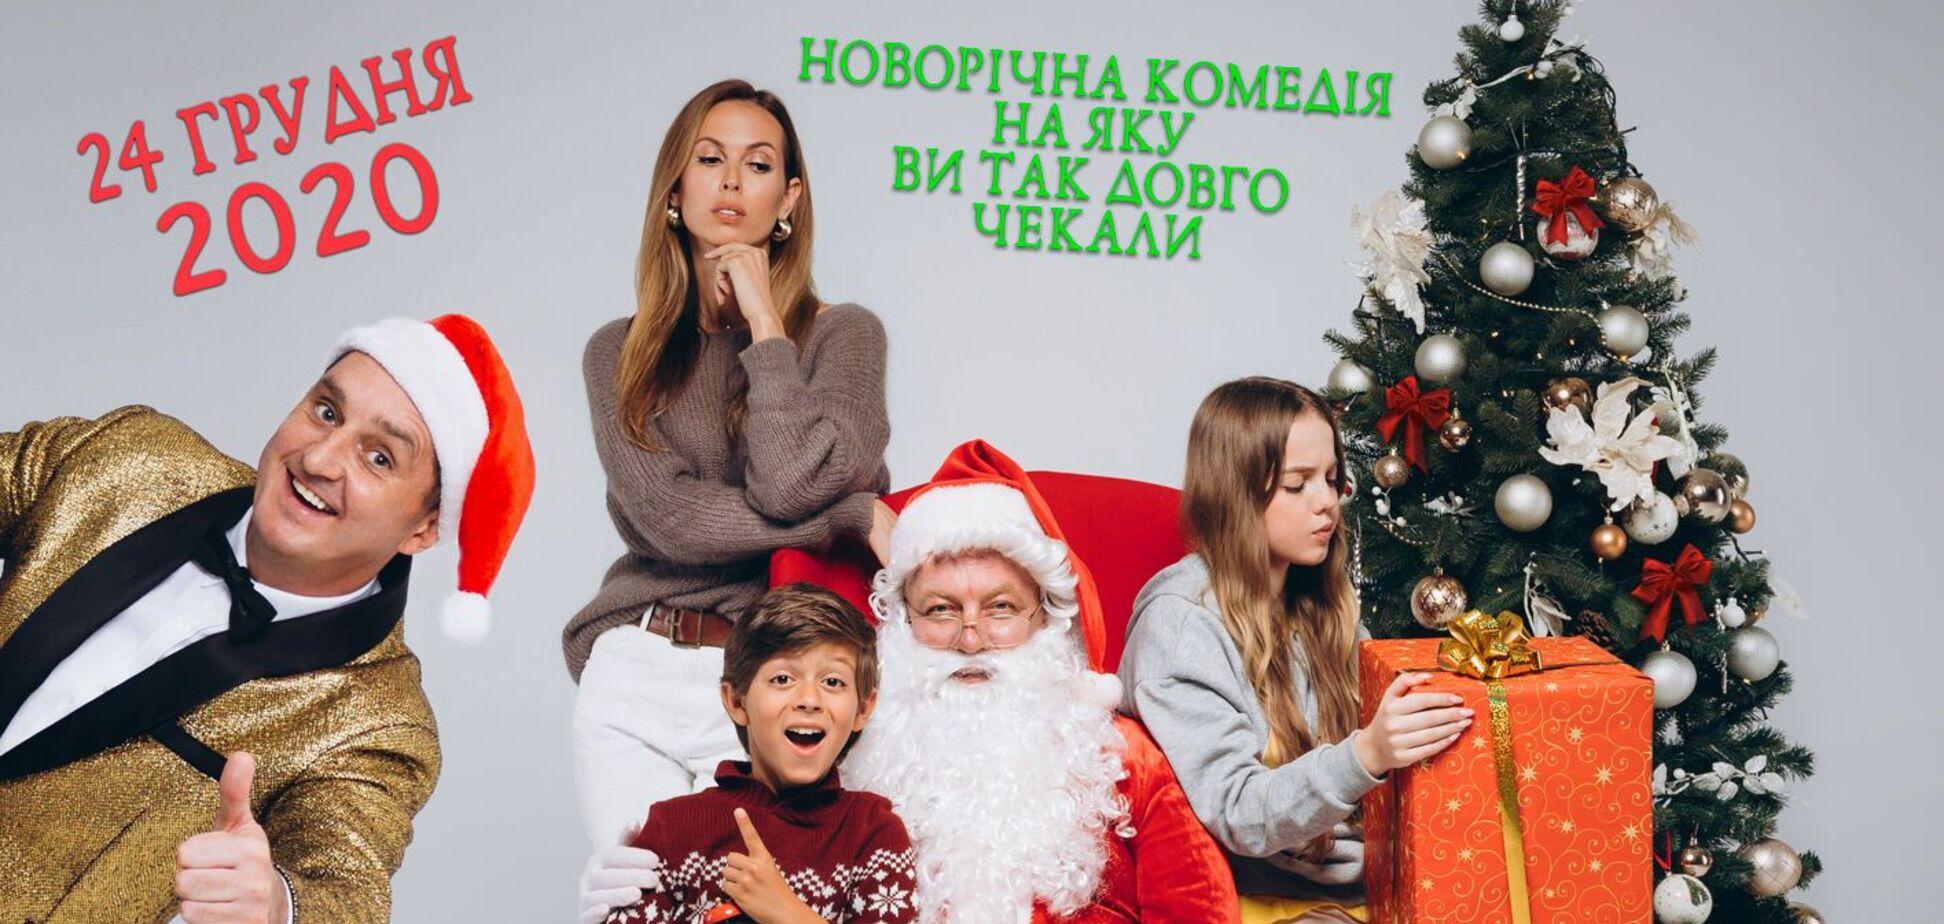 В Украине сняли семейную новогоднюю комедию: опубликован первый официальный трейлер